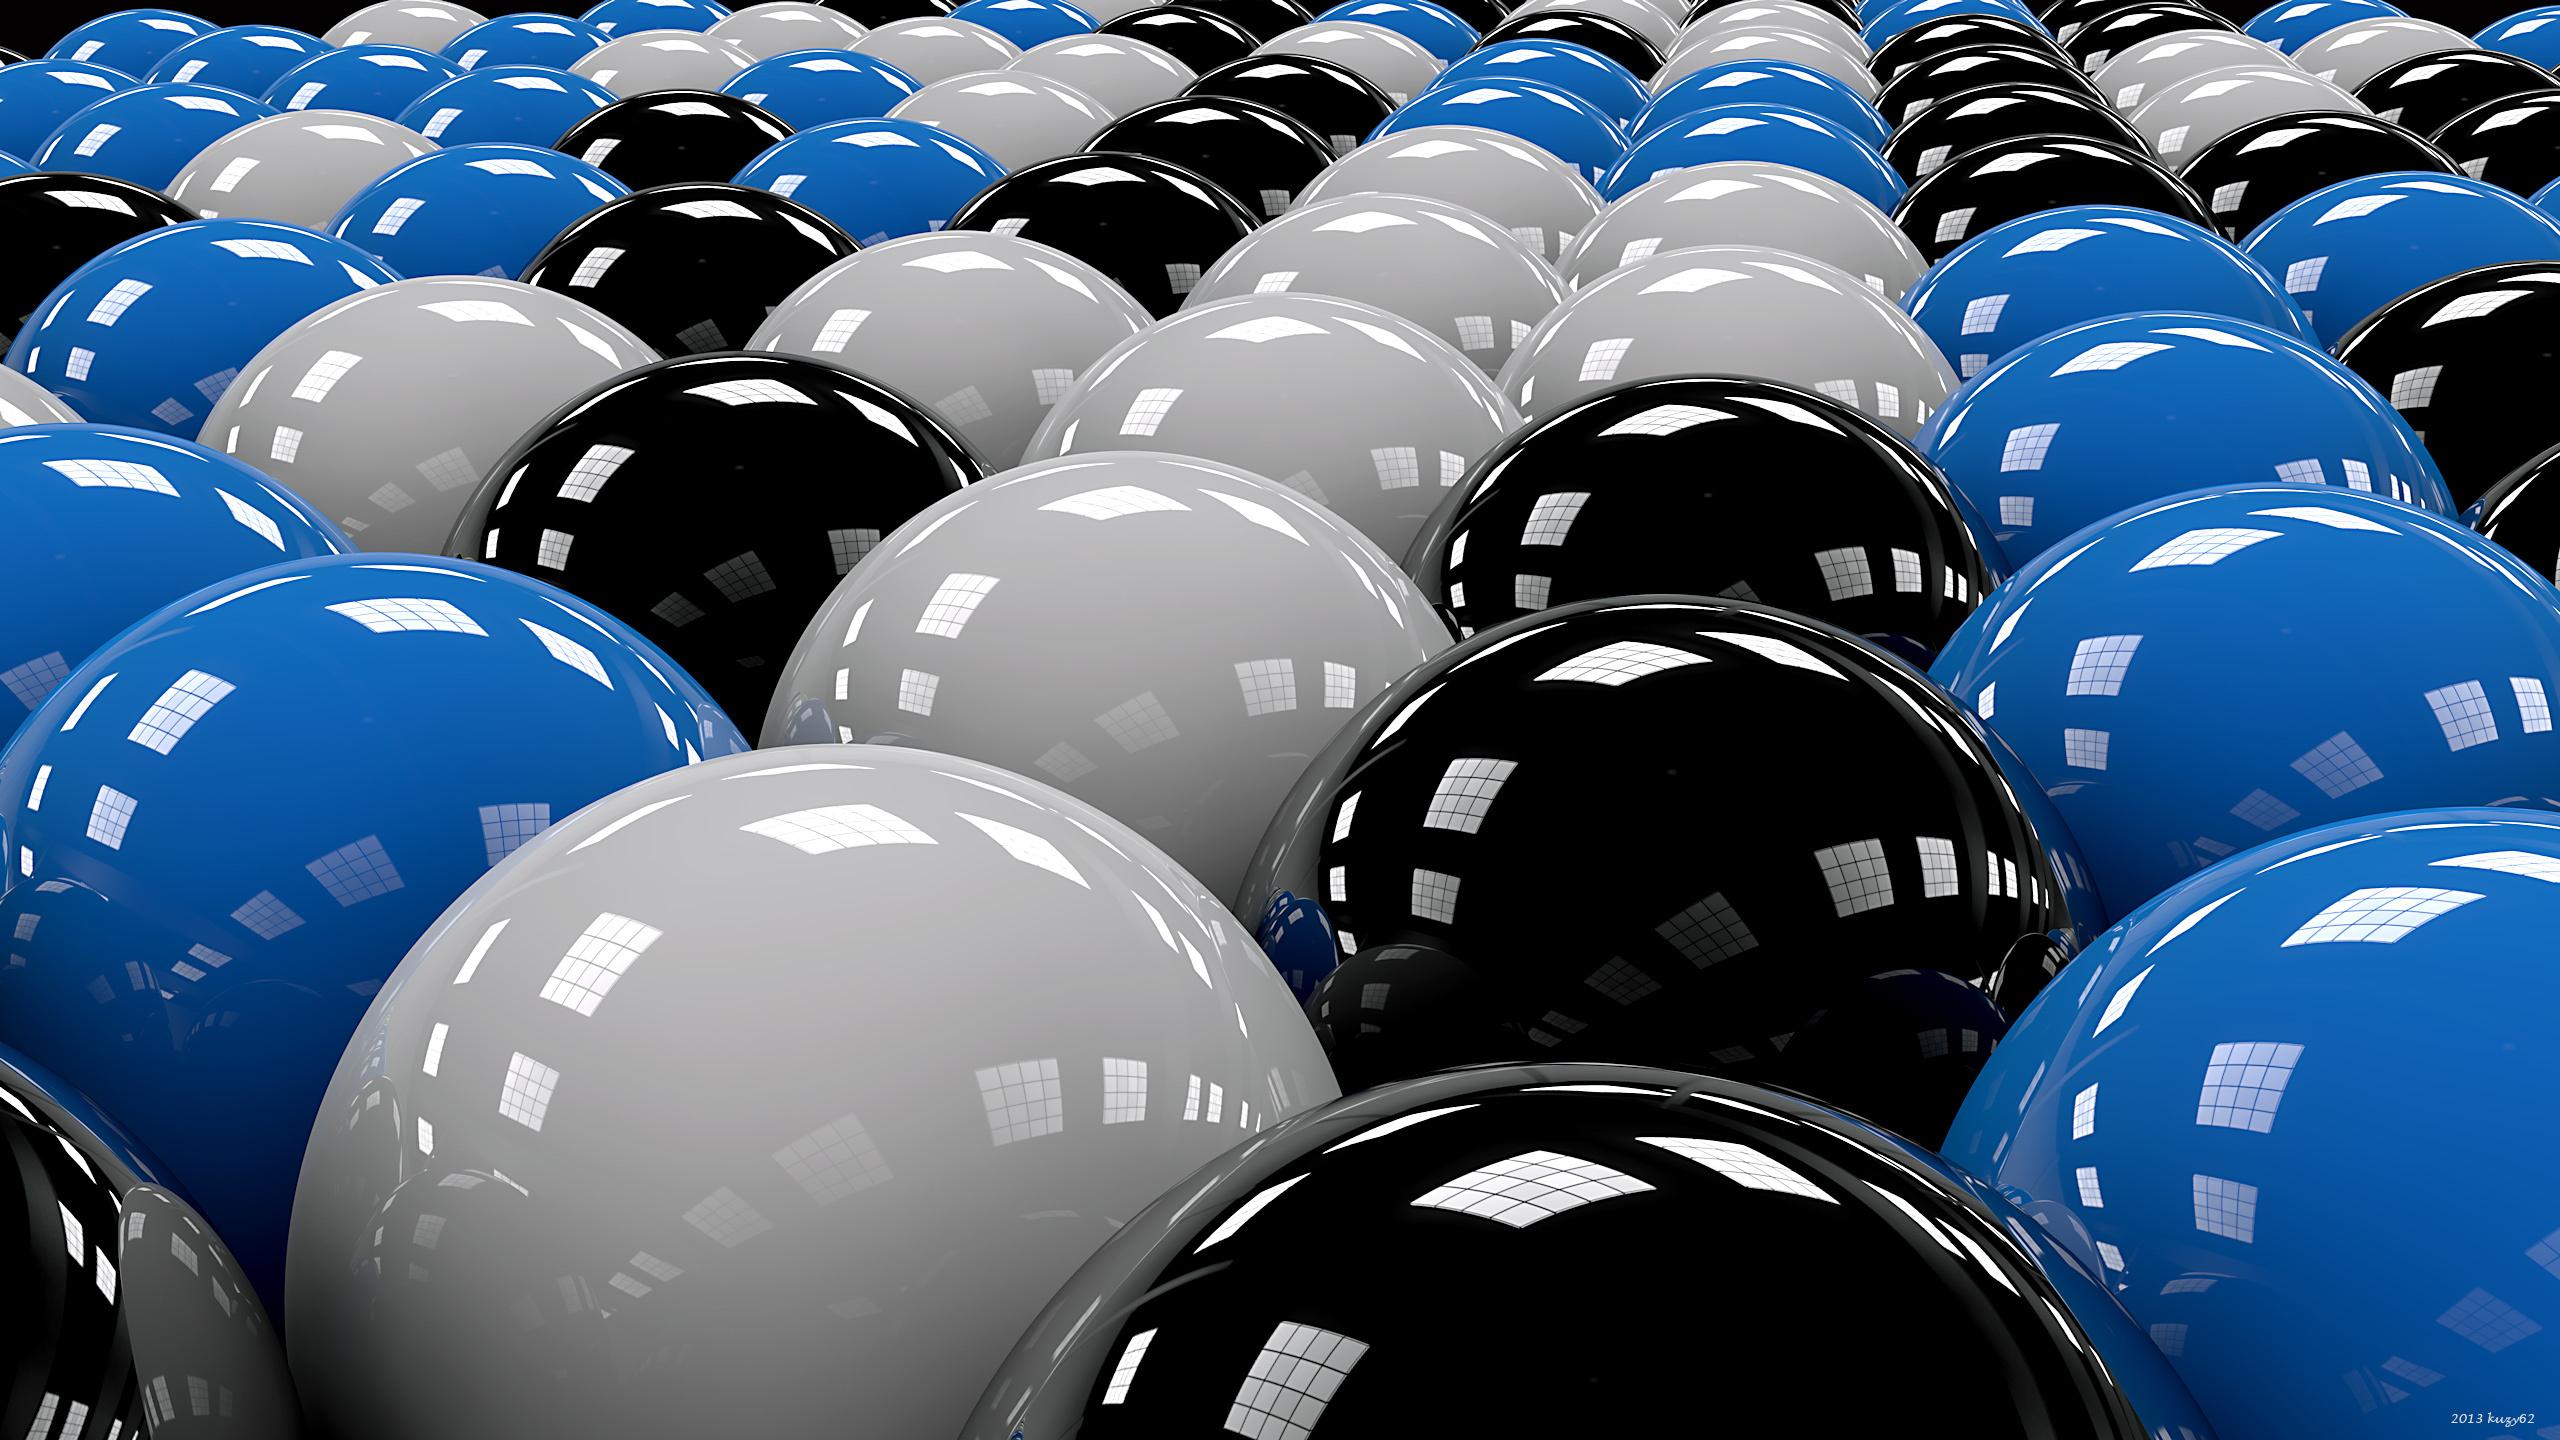 золотисто-черные шары  № 2074689 загрузить